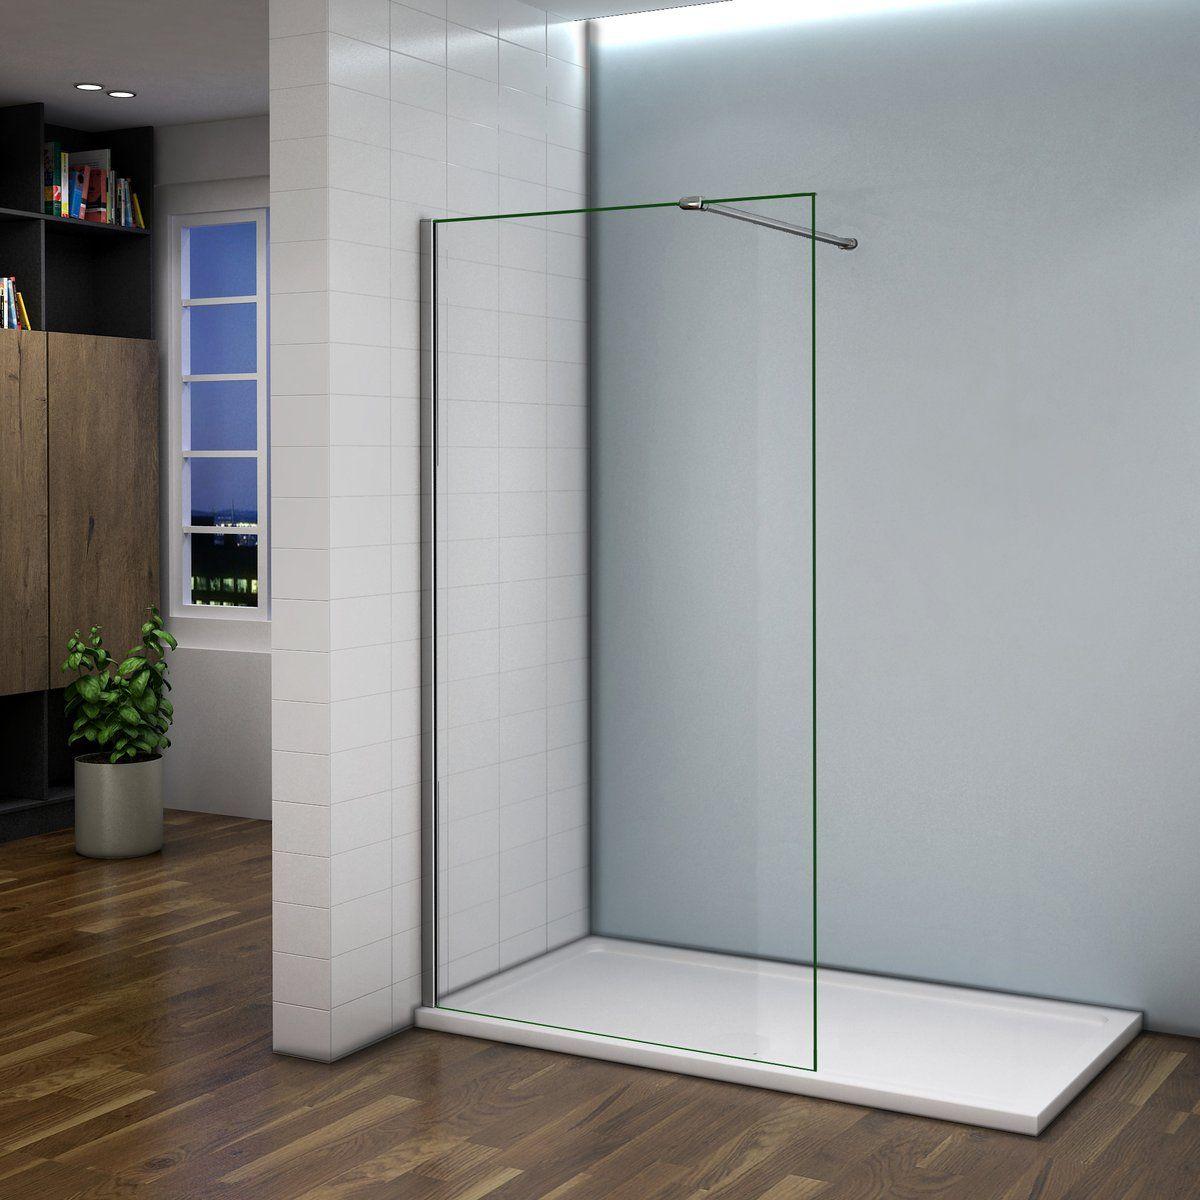 Paroi de douche 160x200 cm,paroi de douche /à litalienne 8mm verre securit et anticalcaire avec barre de fixation extensible en cylindrique